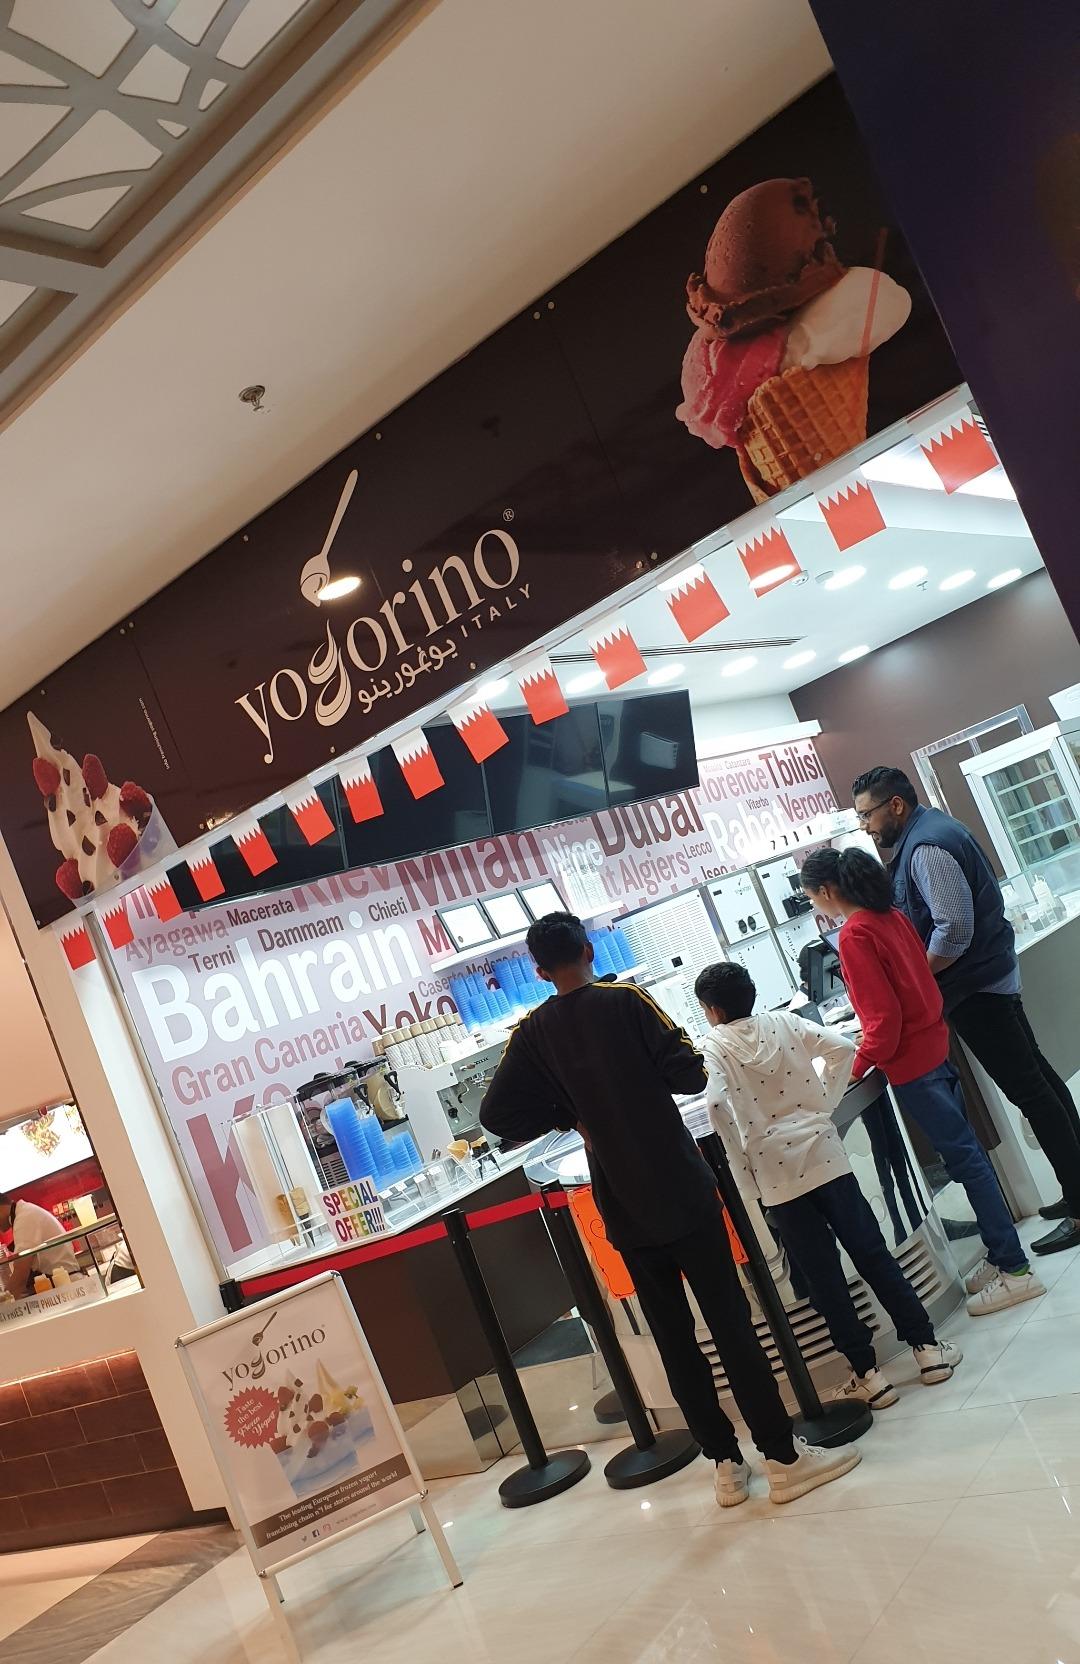 Yogorino - Bahrain